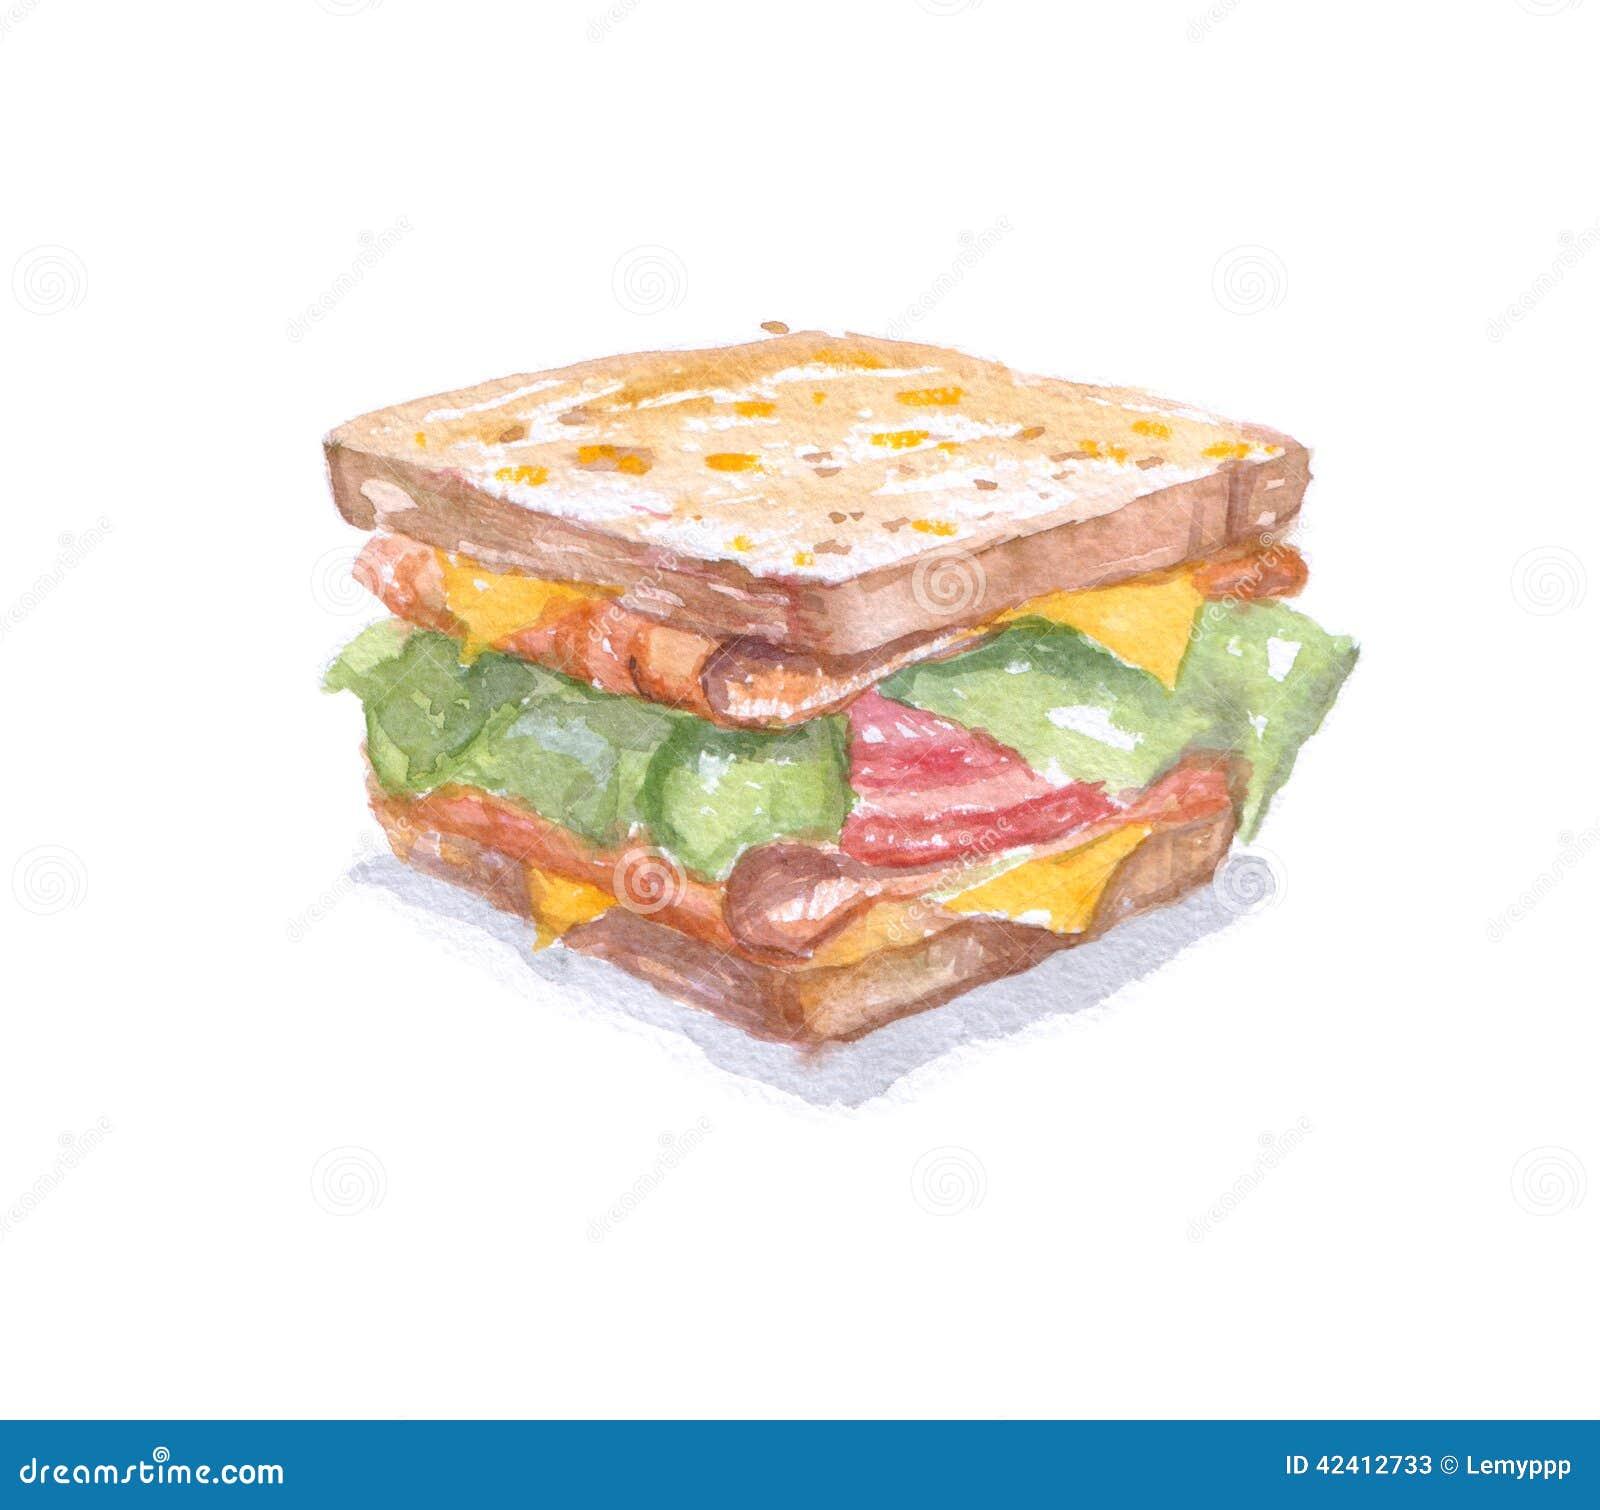 Watercolor Sandwich  T...